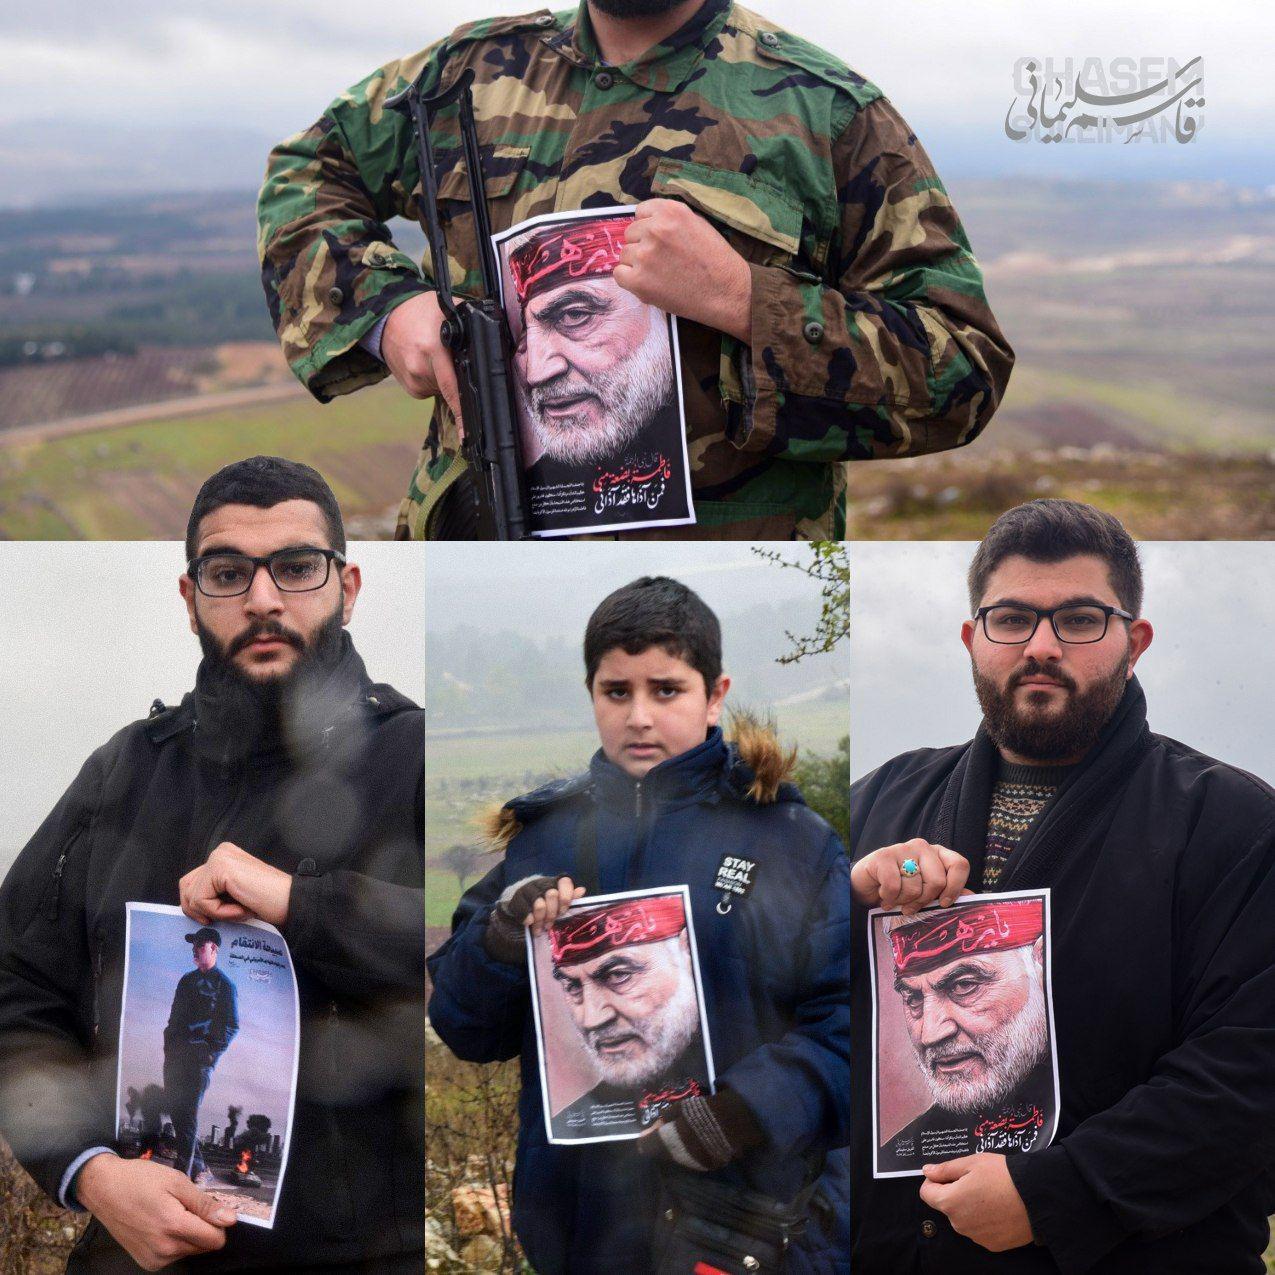 تصاویری از حاج قاسم سلیمانی در مرز فلسطین اشغالی